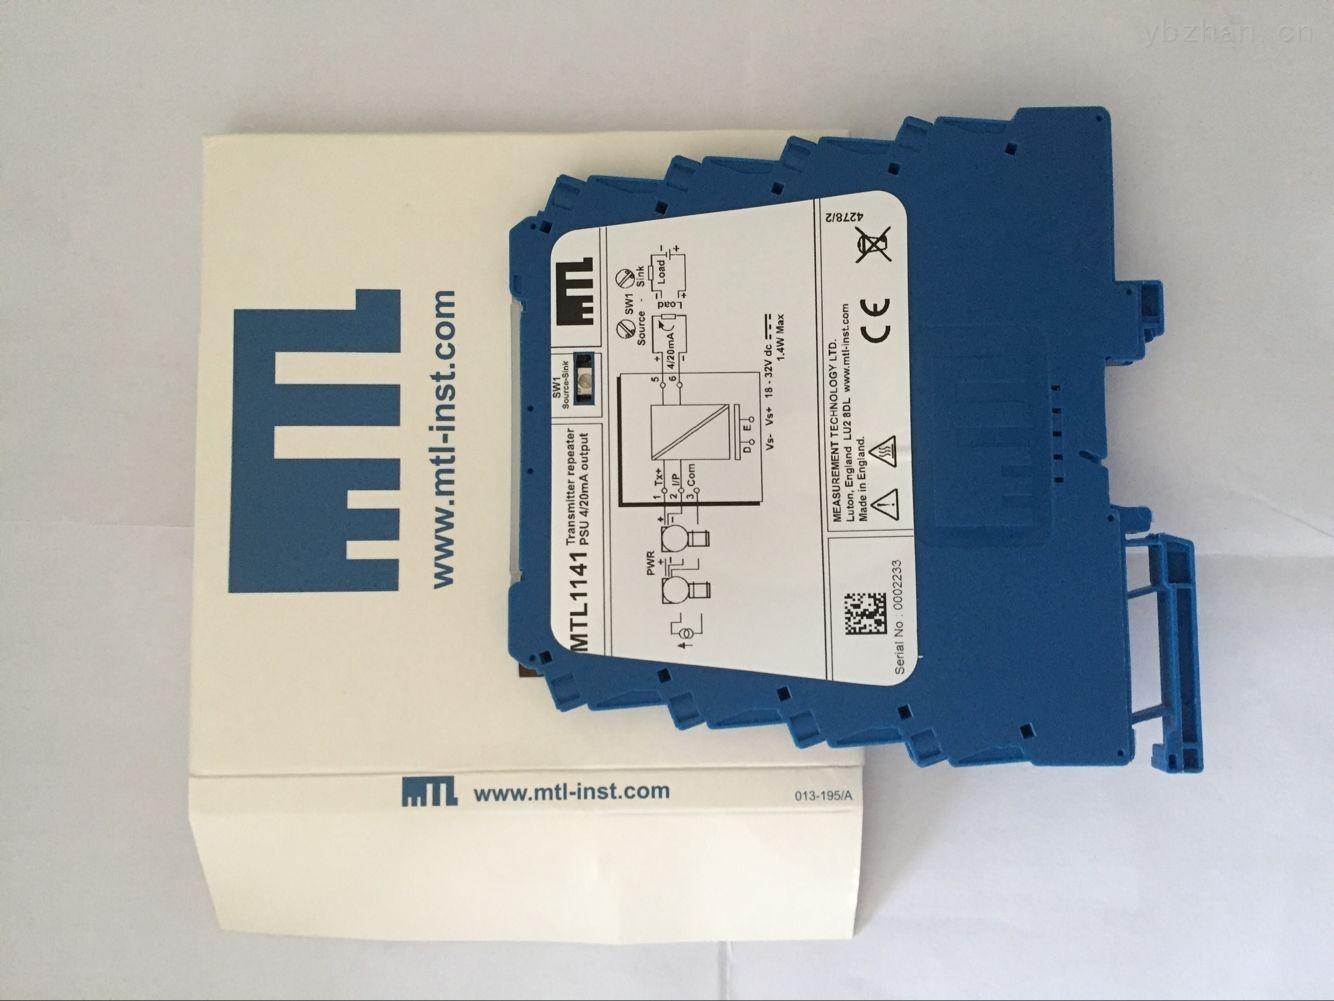 英国MTL最新型号MTL1000系列信号调节隔离器 MTL1141/MTL1143/MTL1147